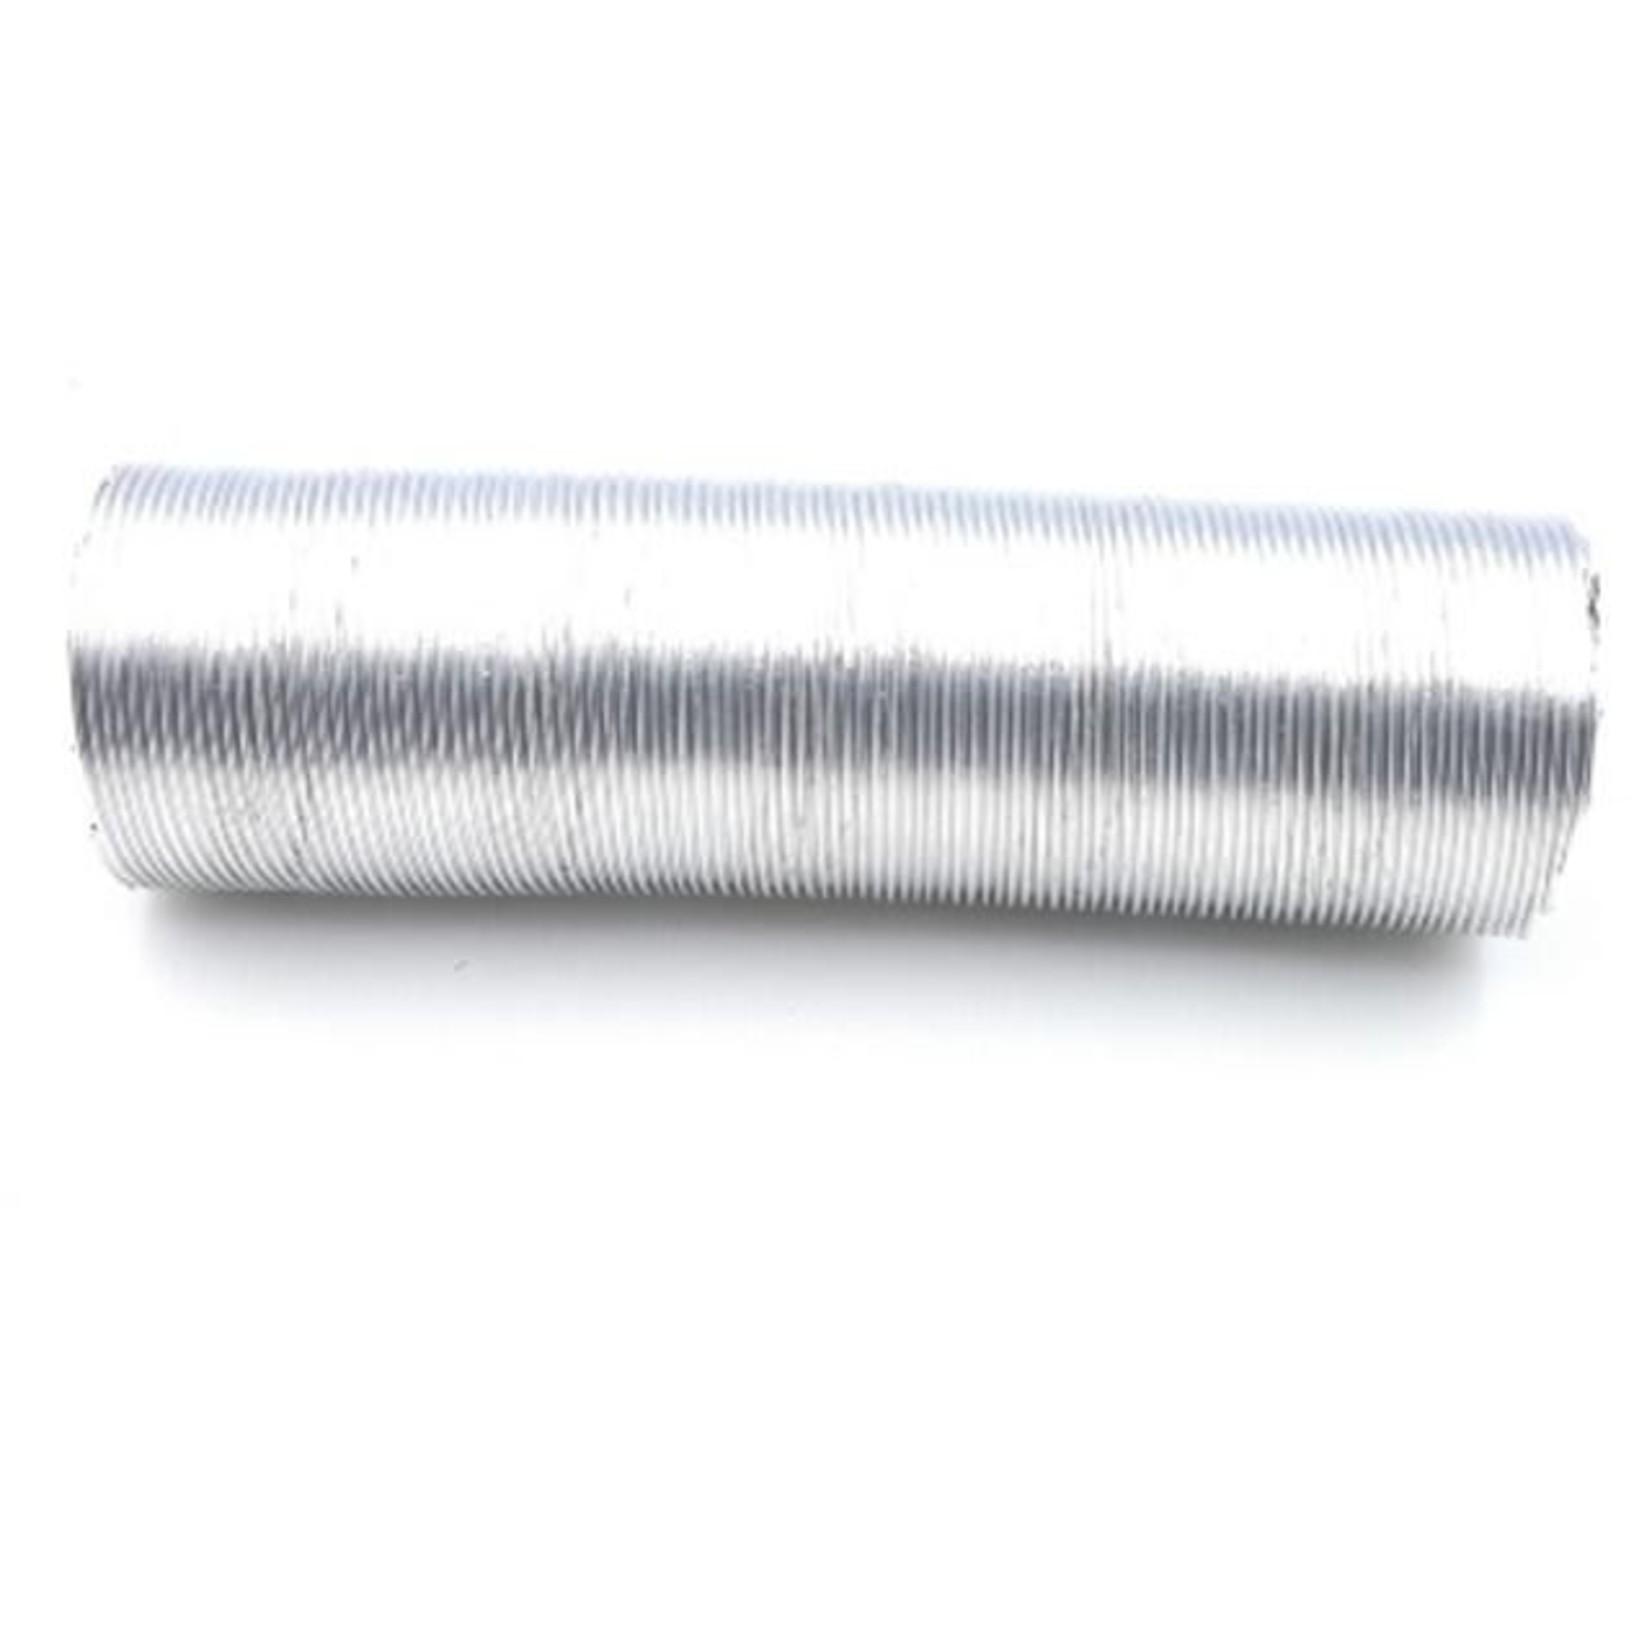 Tubo alu filtro de aere - collector l=200 Nr Org: DX171231A